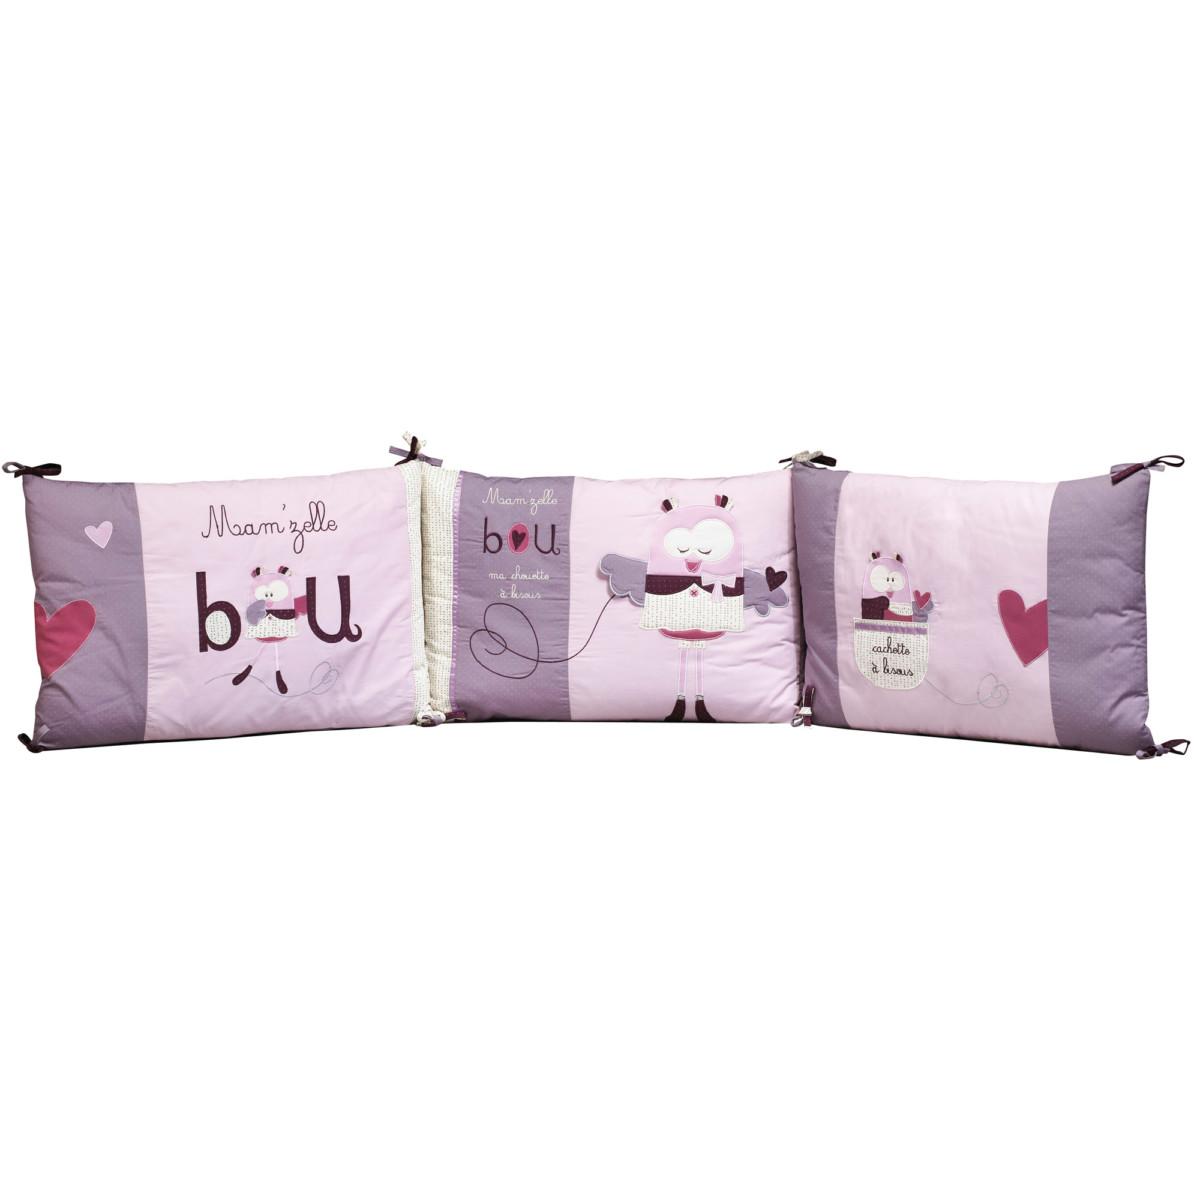 Bou tour de lit Violet de Sauthon Baby Déco, Tours de lit : Aubert